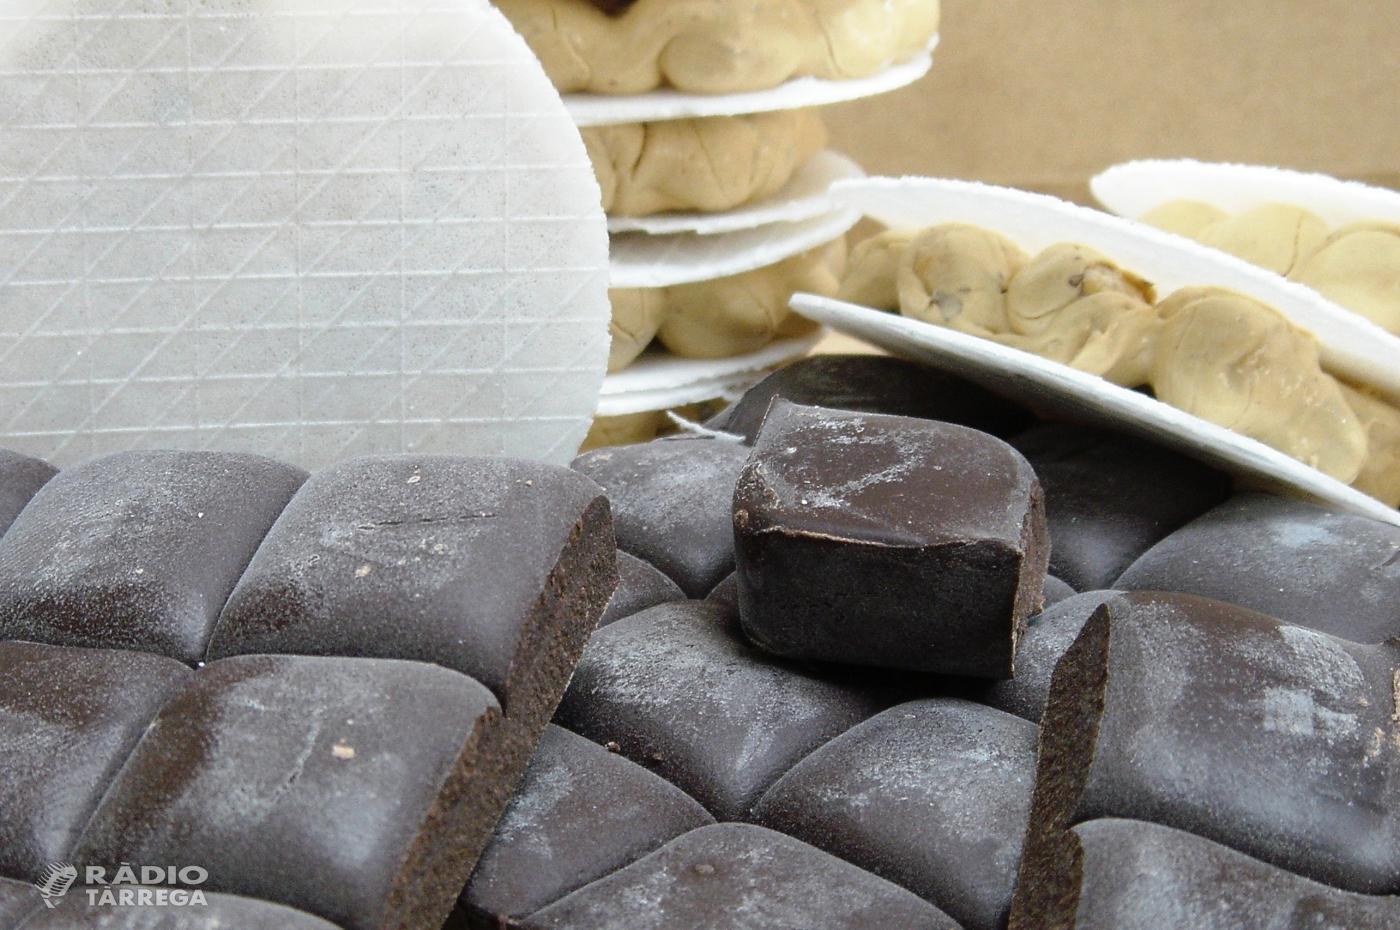 Suspesa la XXXII edició de la Fira del Torró i la Xocolata a la Pedra d'Agramunt